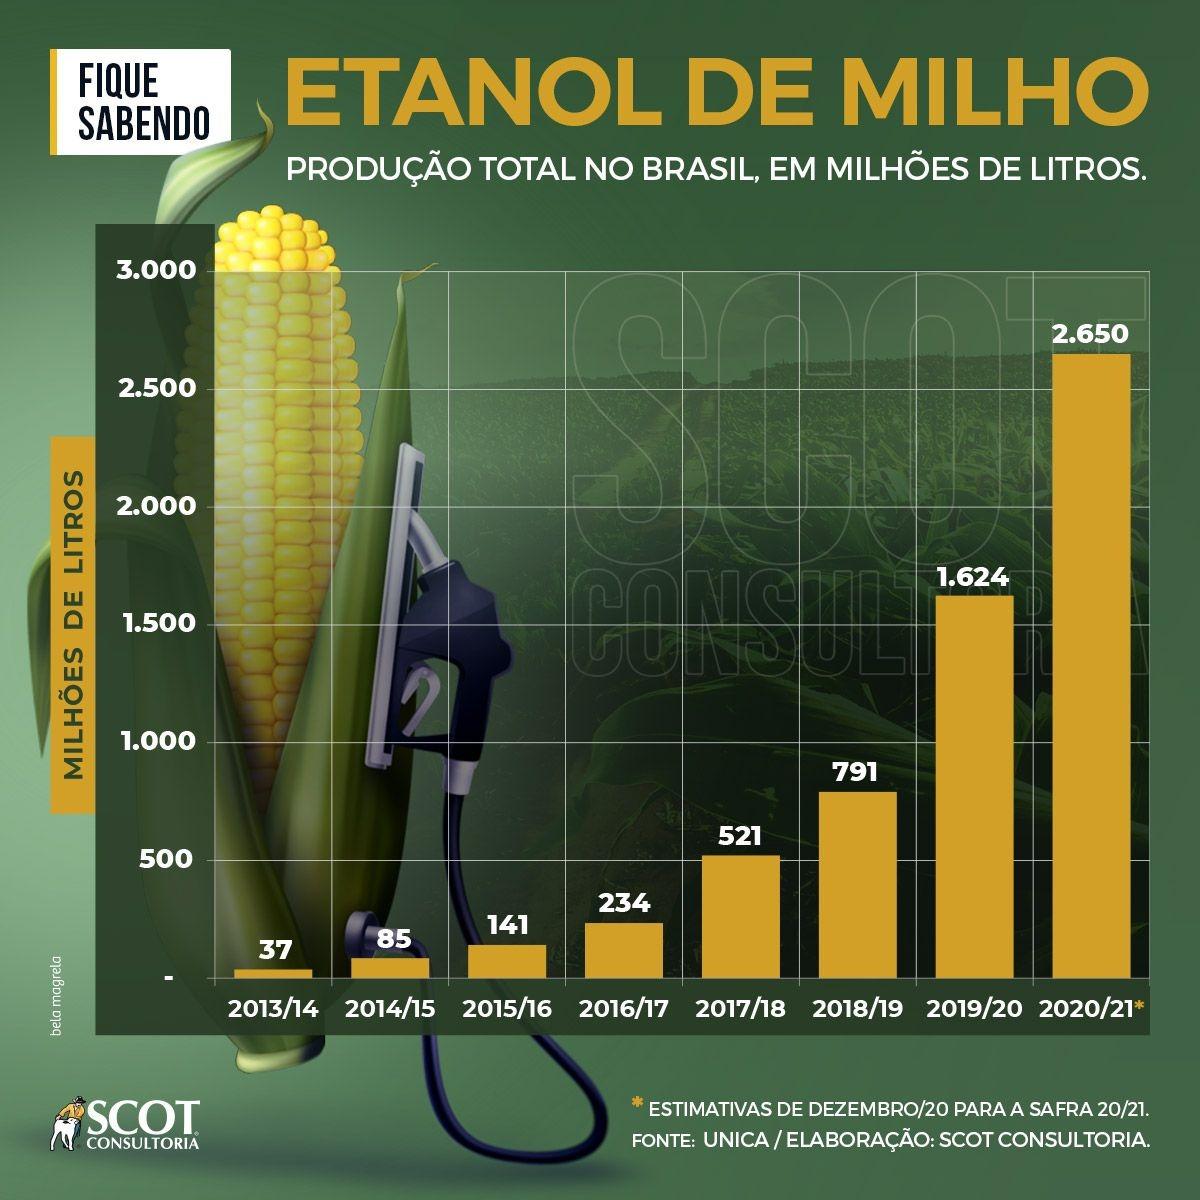 etanol de milho no brasil